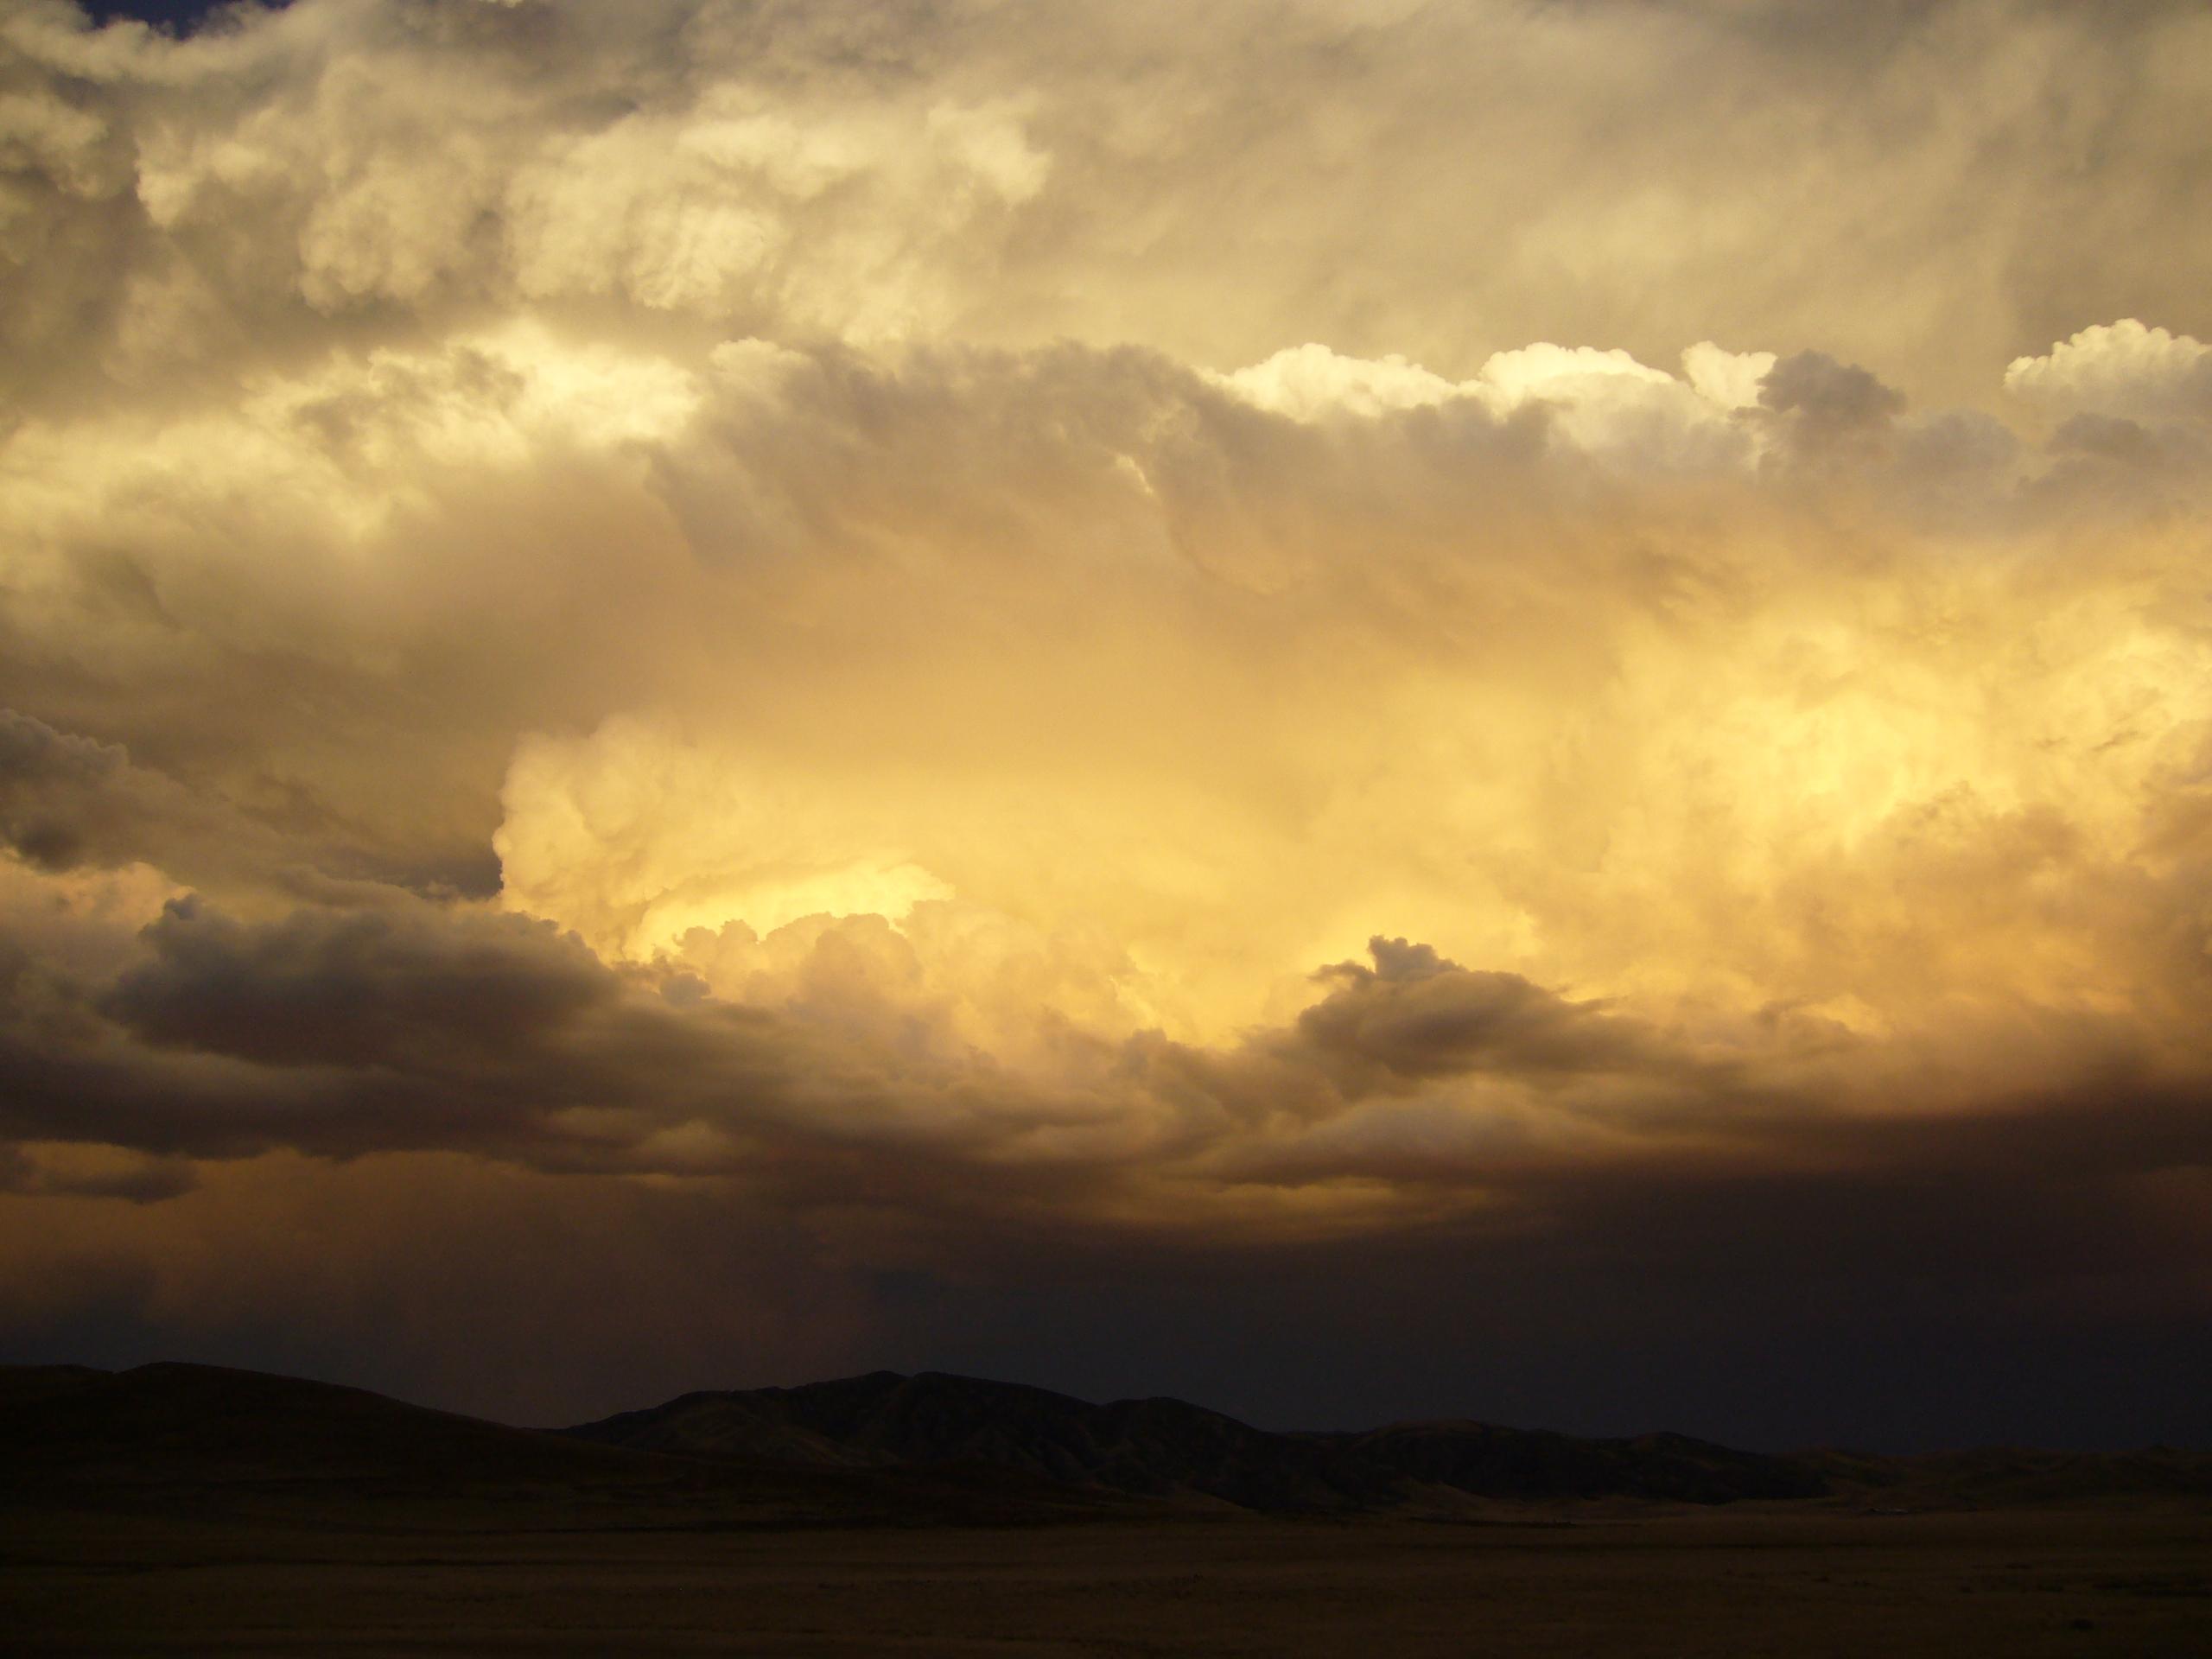 Radreise Peru 2008 - Altiplano - Gewitterstimmung